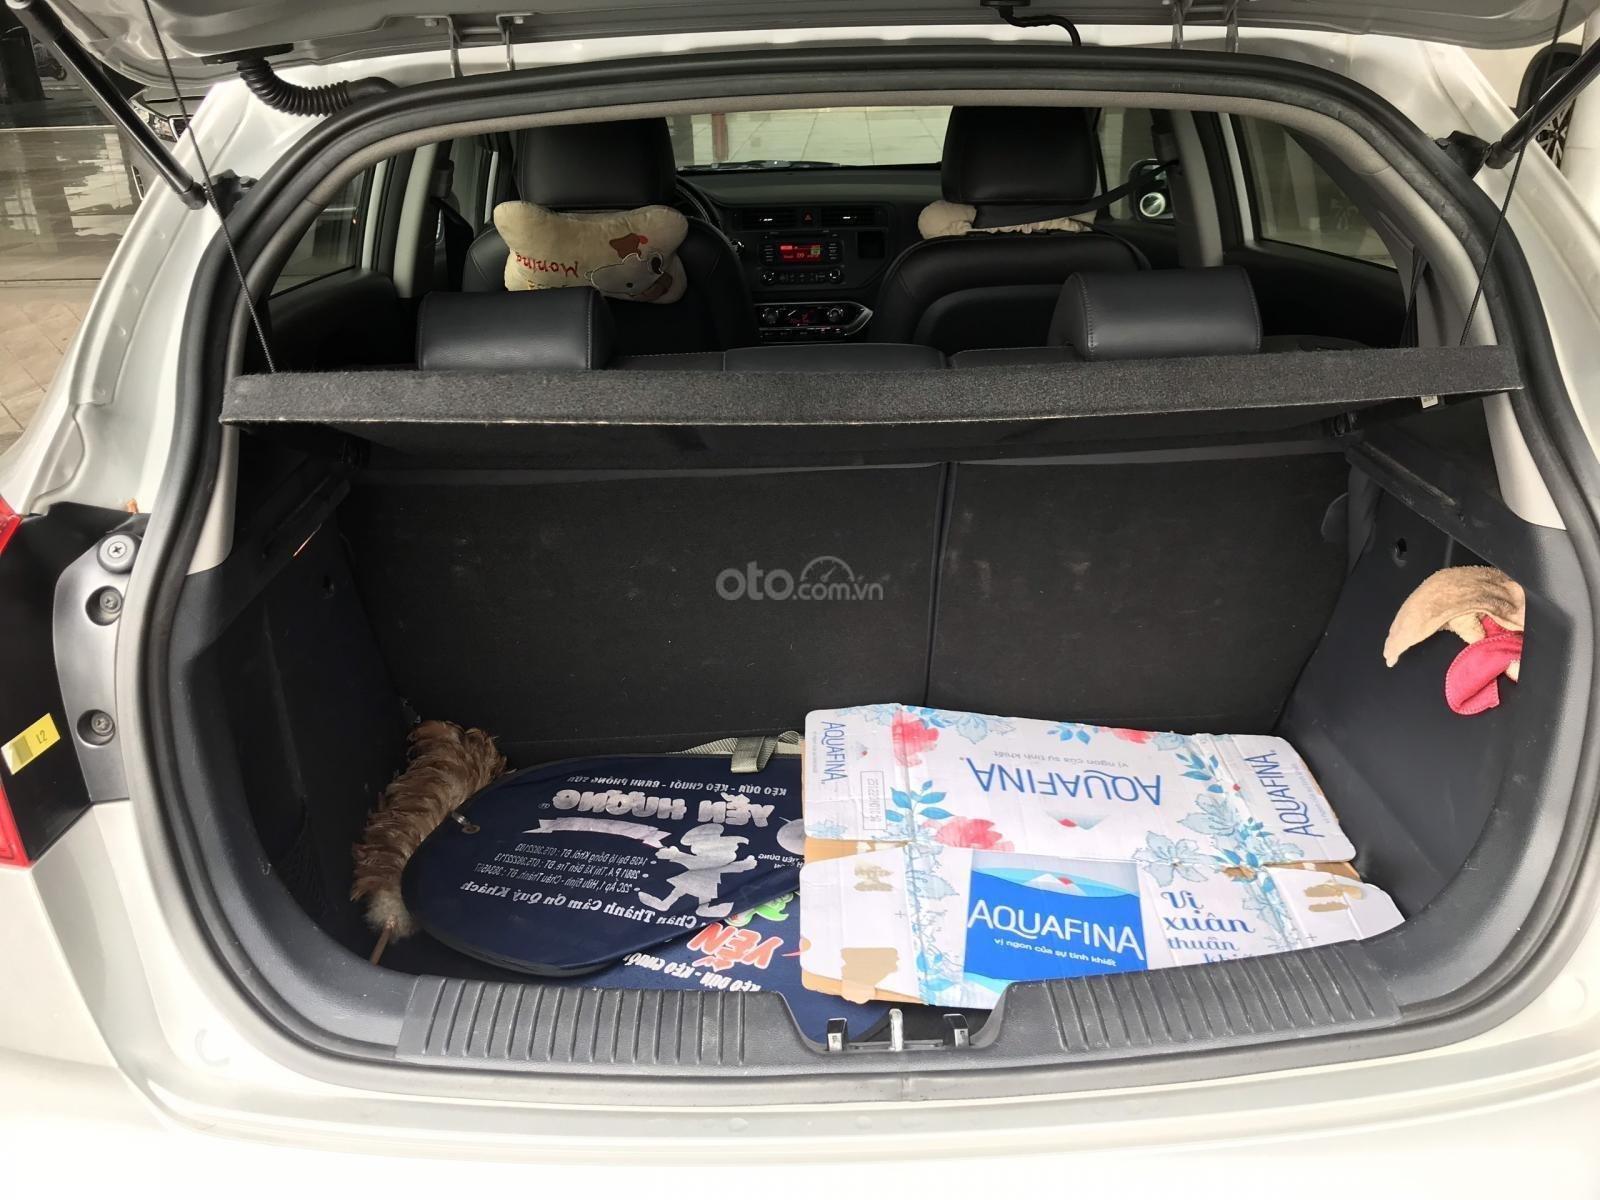 Bán xe Kia Rio năm sản xuất 2012, màu bạc, nhập khẩu, giá tốt (10)